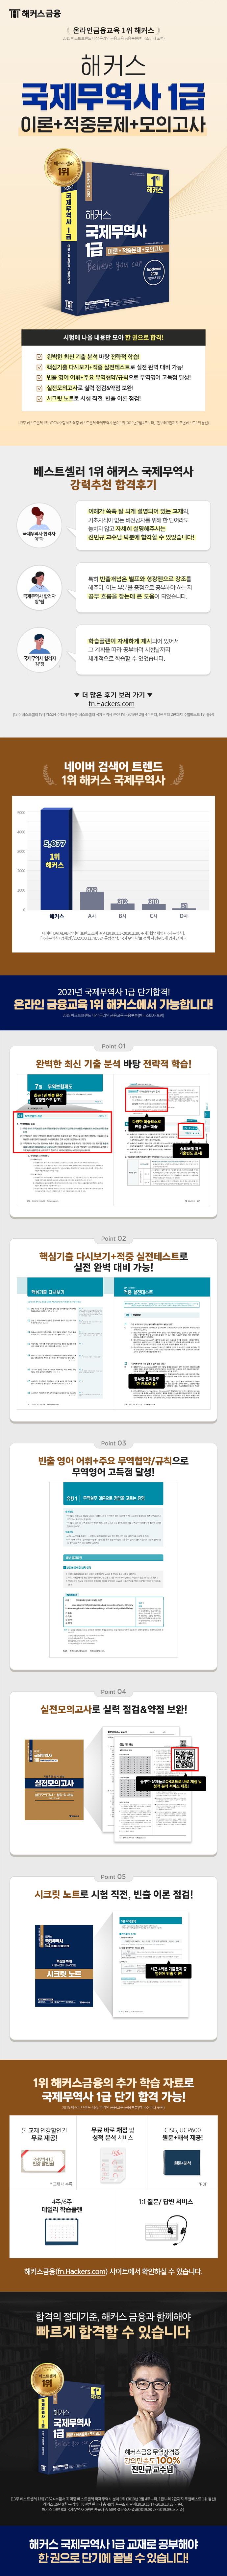 2021 해커스 국제무역사 1급 이론+적중문제+모의고사(개정판) 도서 상세이미지